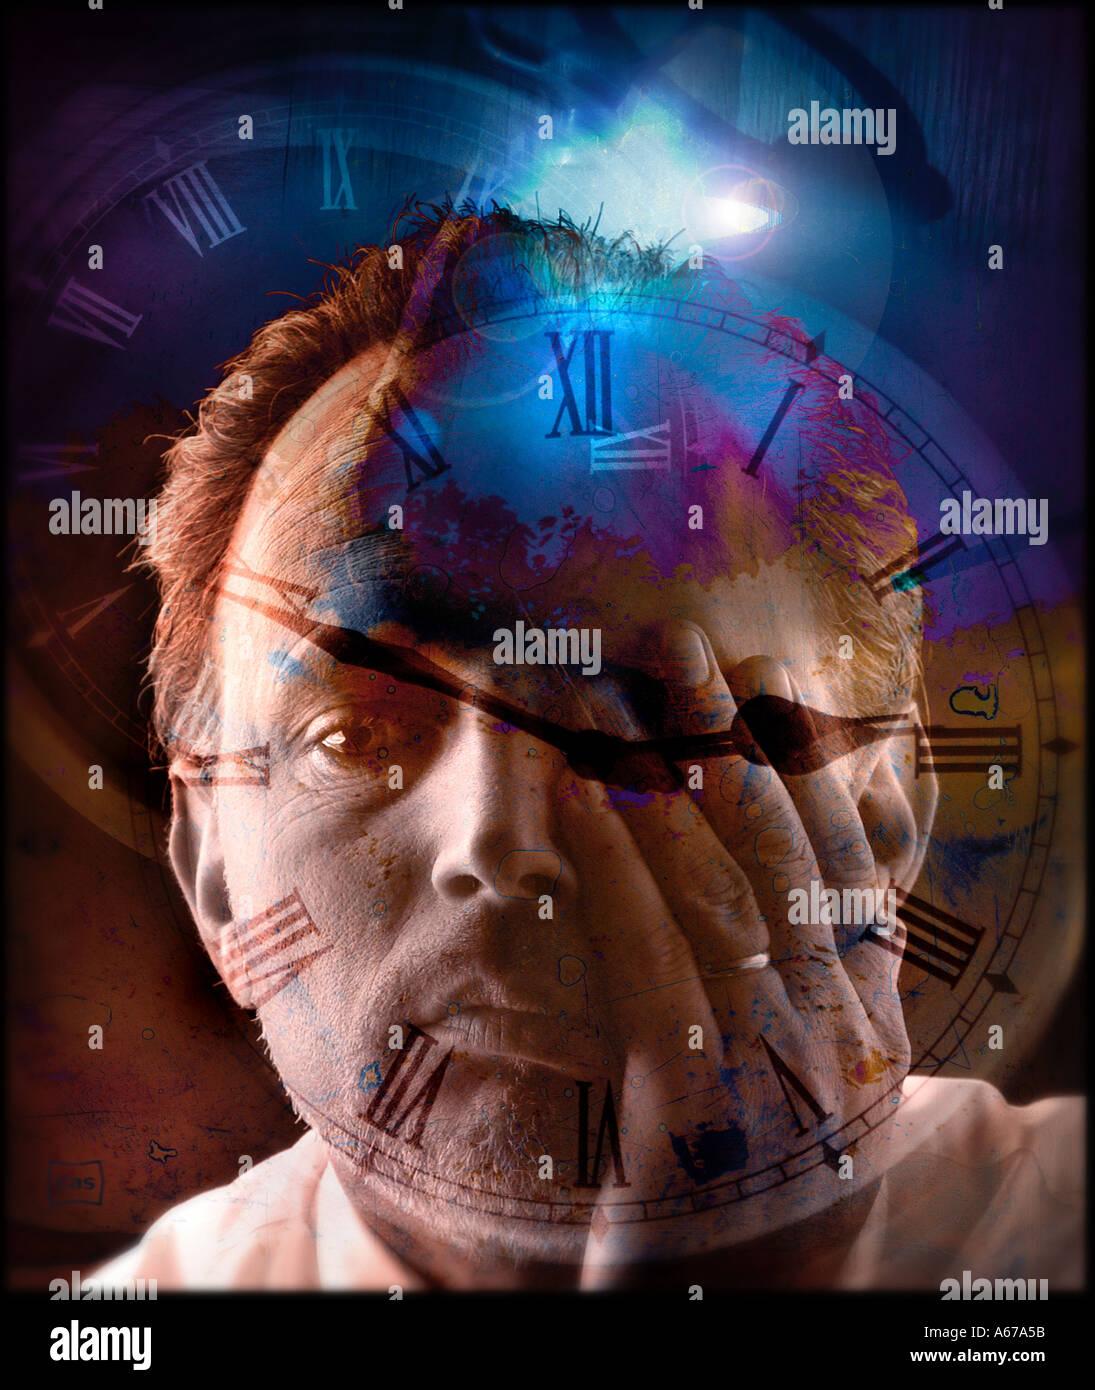 Changement de temps frotter les yeux à l'homme et d'une horloge en temps ciel noir collage concept Photo Stock